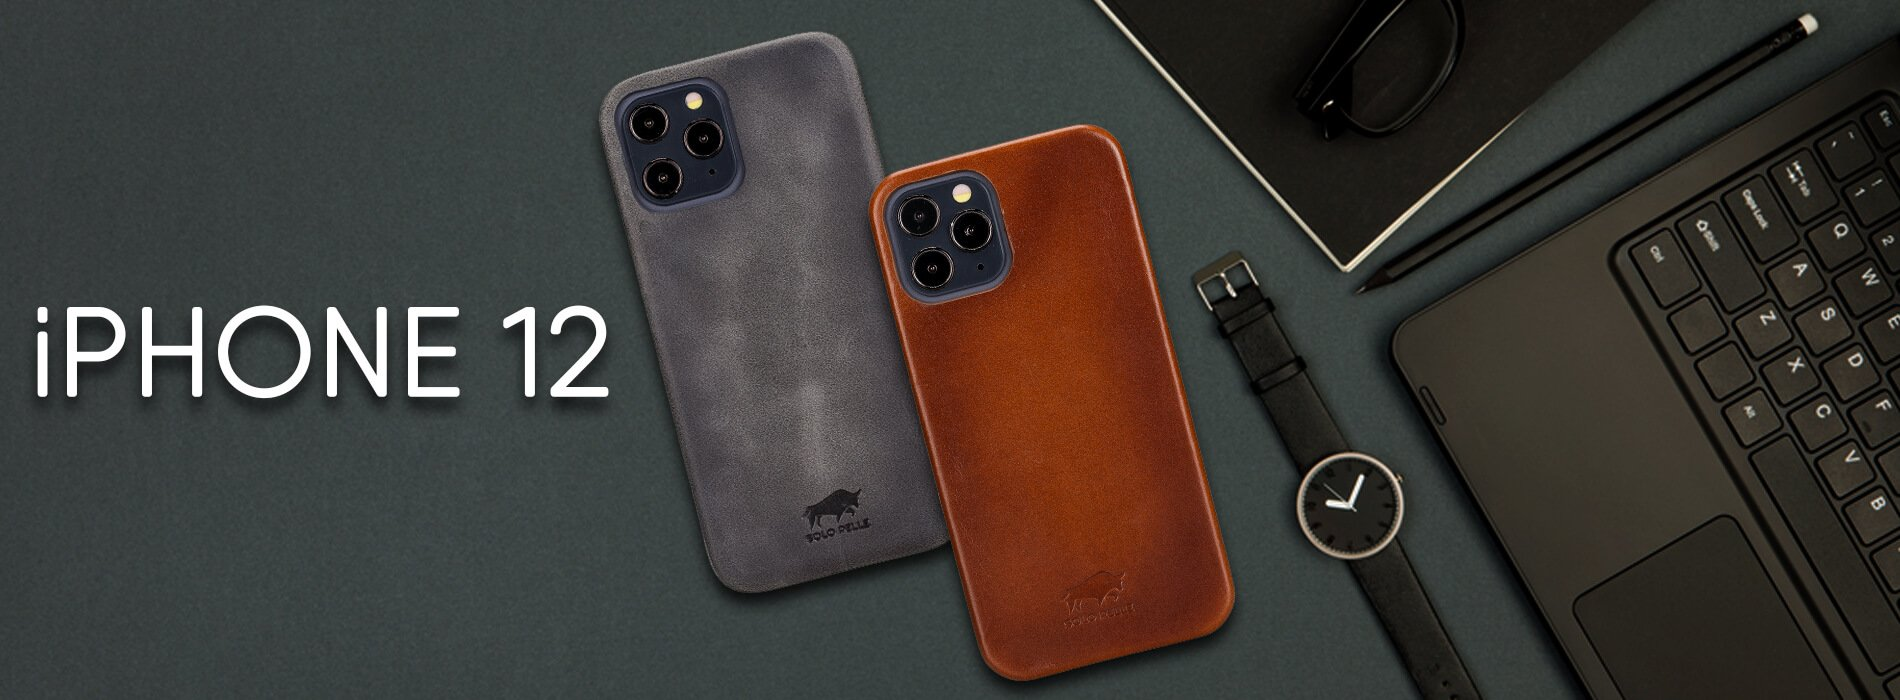 /kategorie-smartphone-huellen-apple-iphone-12-pro-max/